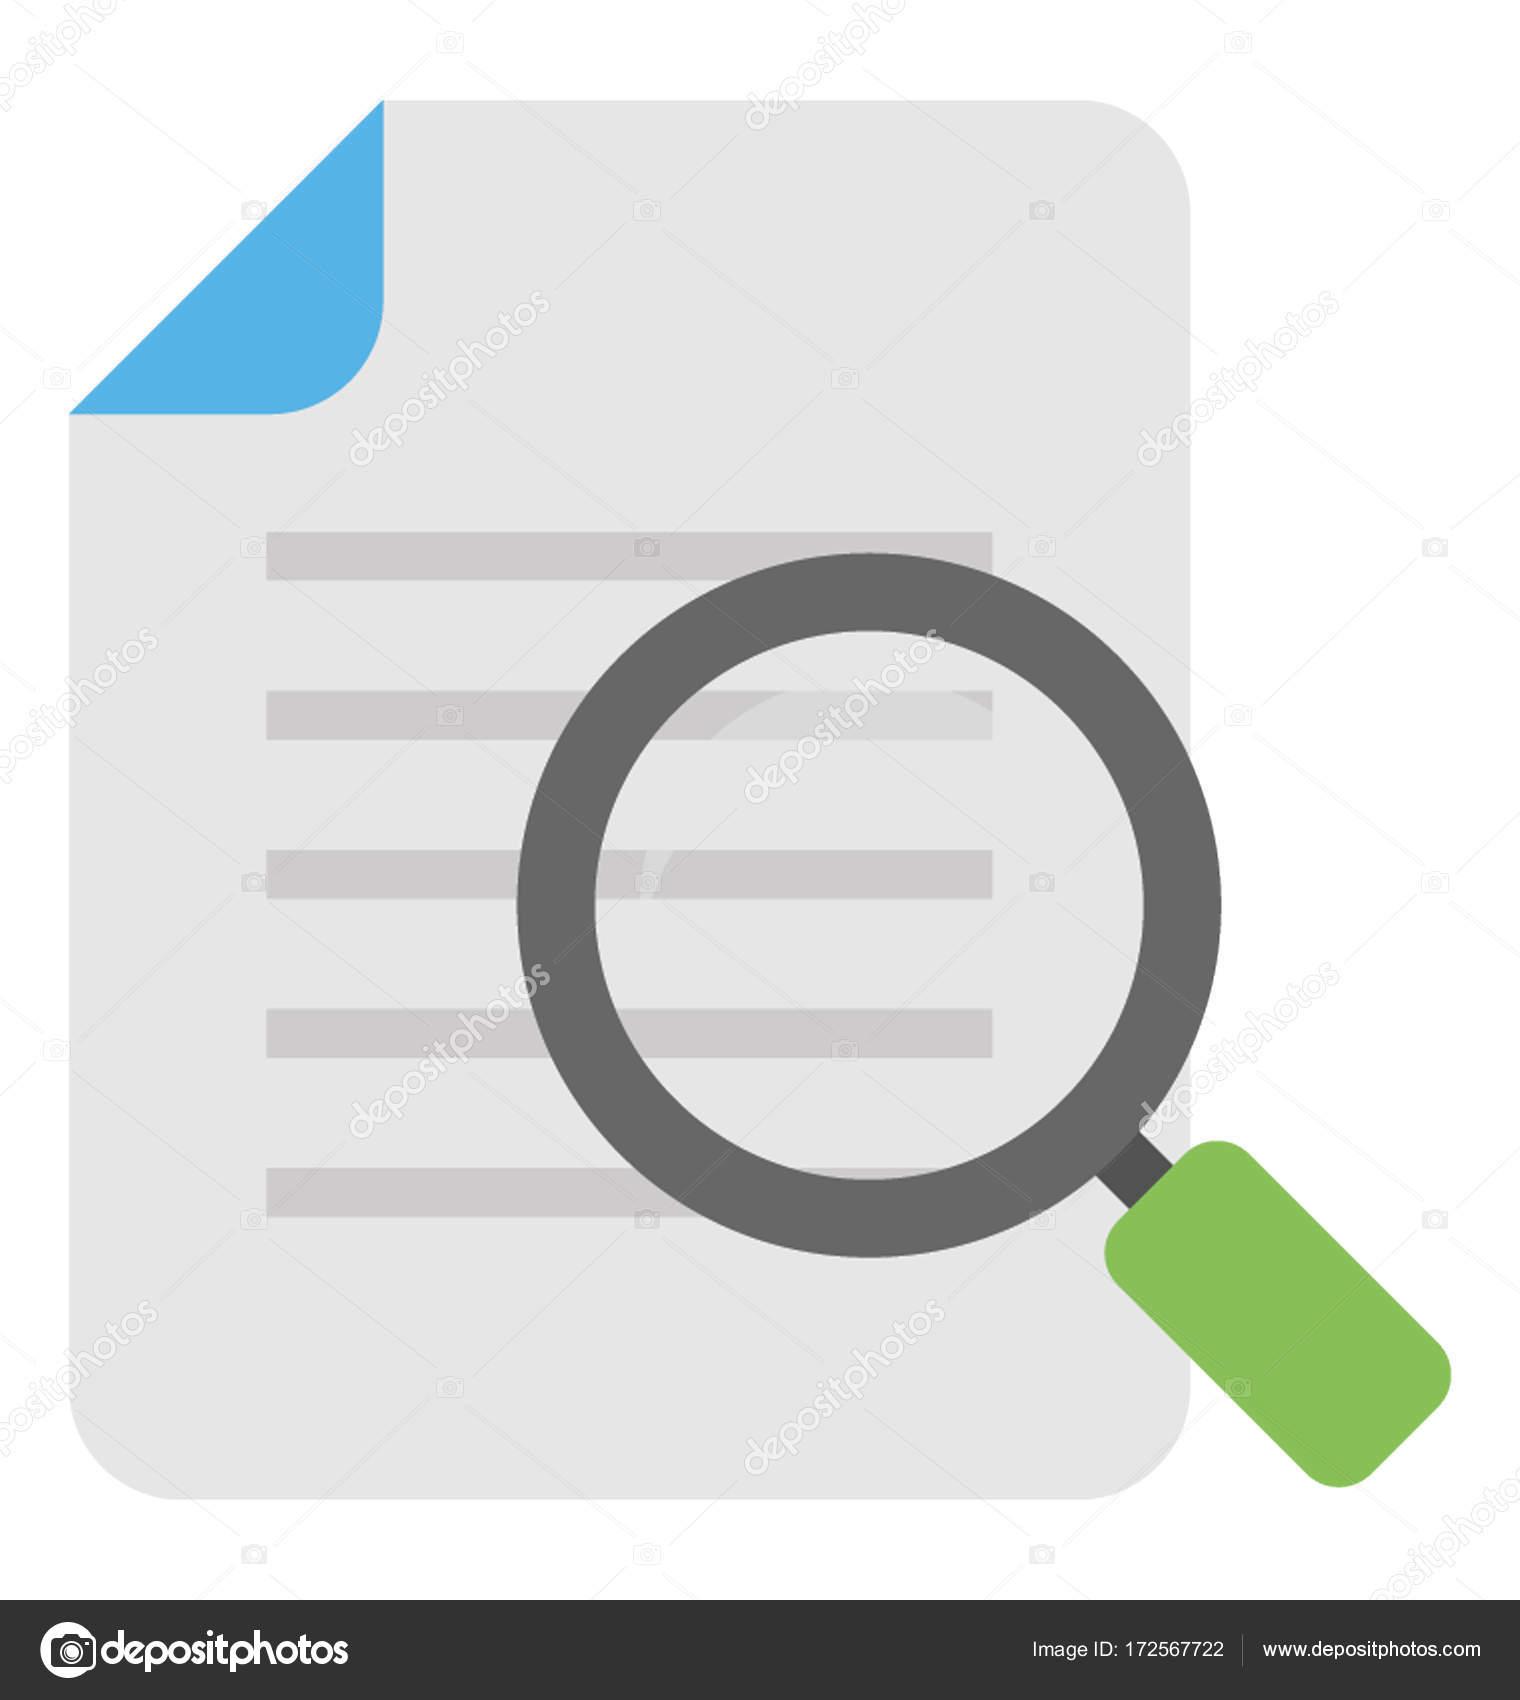 42c31da46de59 Icono de Vector de buscar documento — Archivo Imágenes Vectoriales ...